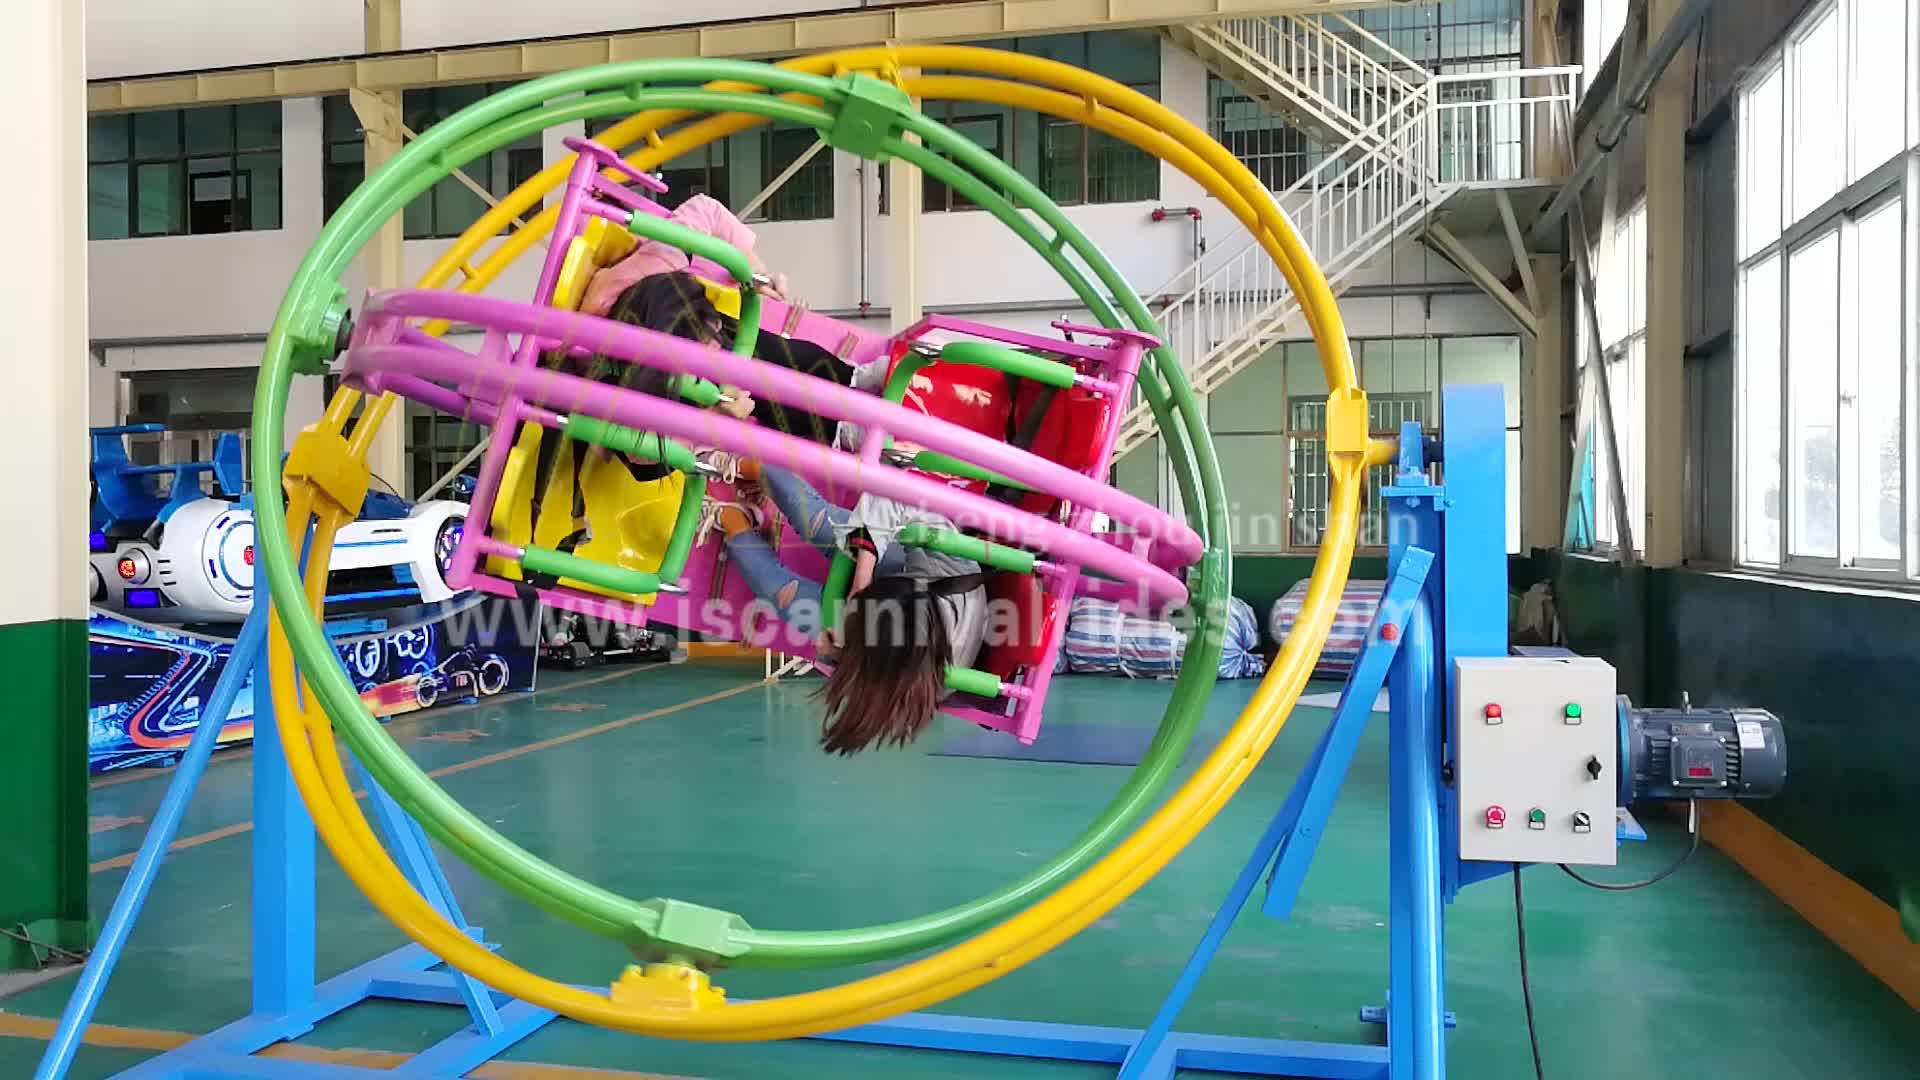 Approvisionnement d'usine gyroscope humain manèges jeux d'amusement adulte à vendre gyroxtreme avec prix de gros